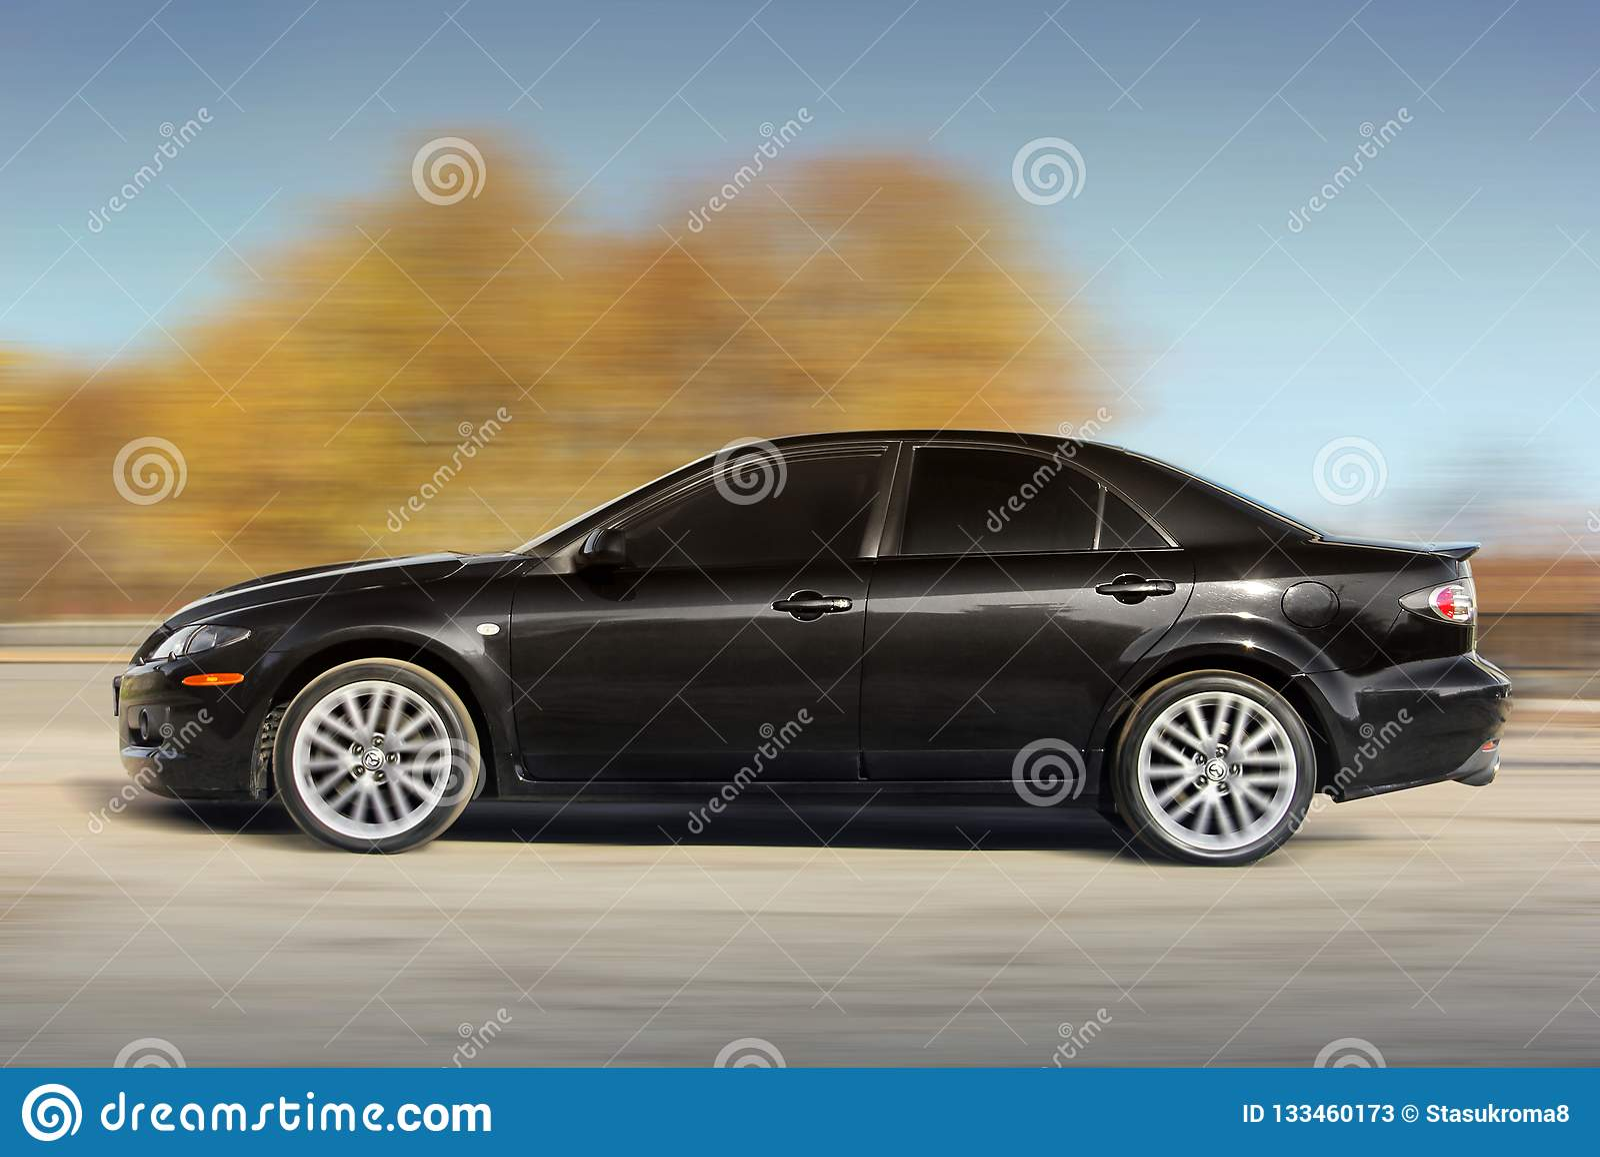 Chernigov Ukraine November 10 2018 Mazda 6 Mps In Motion